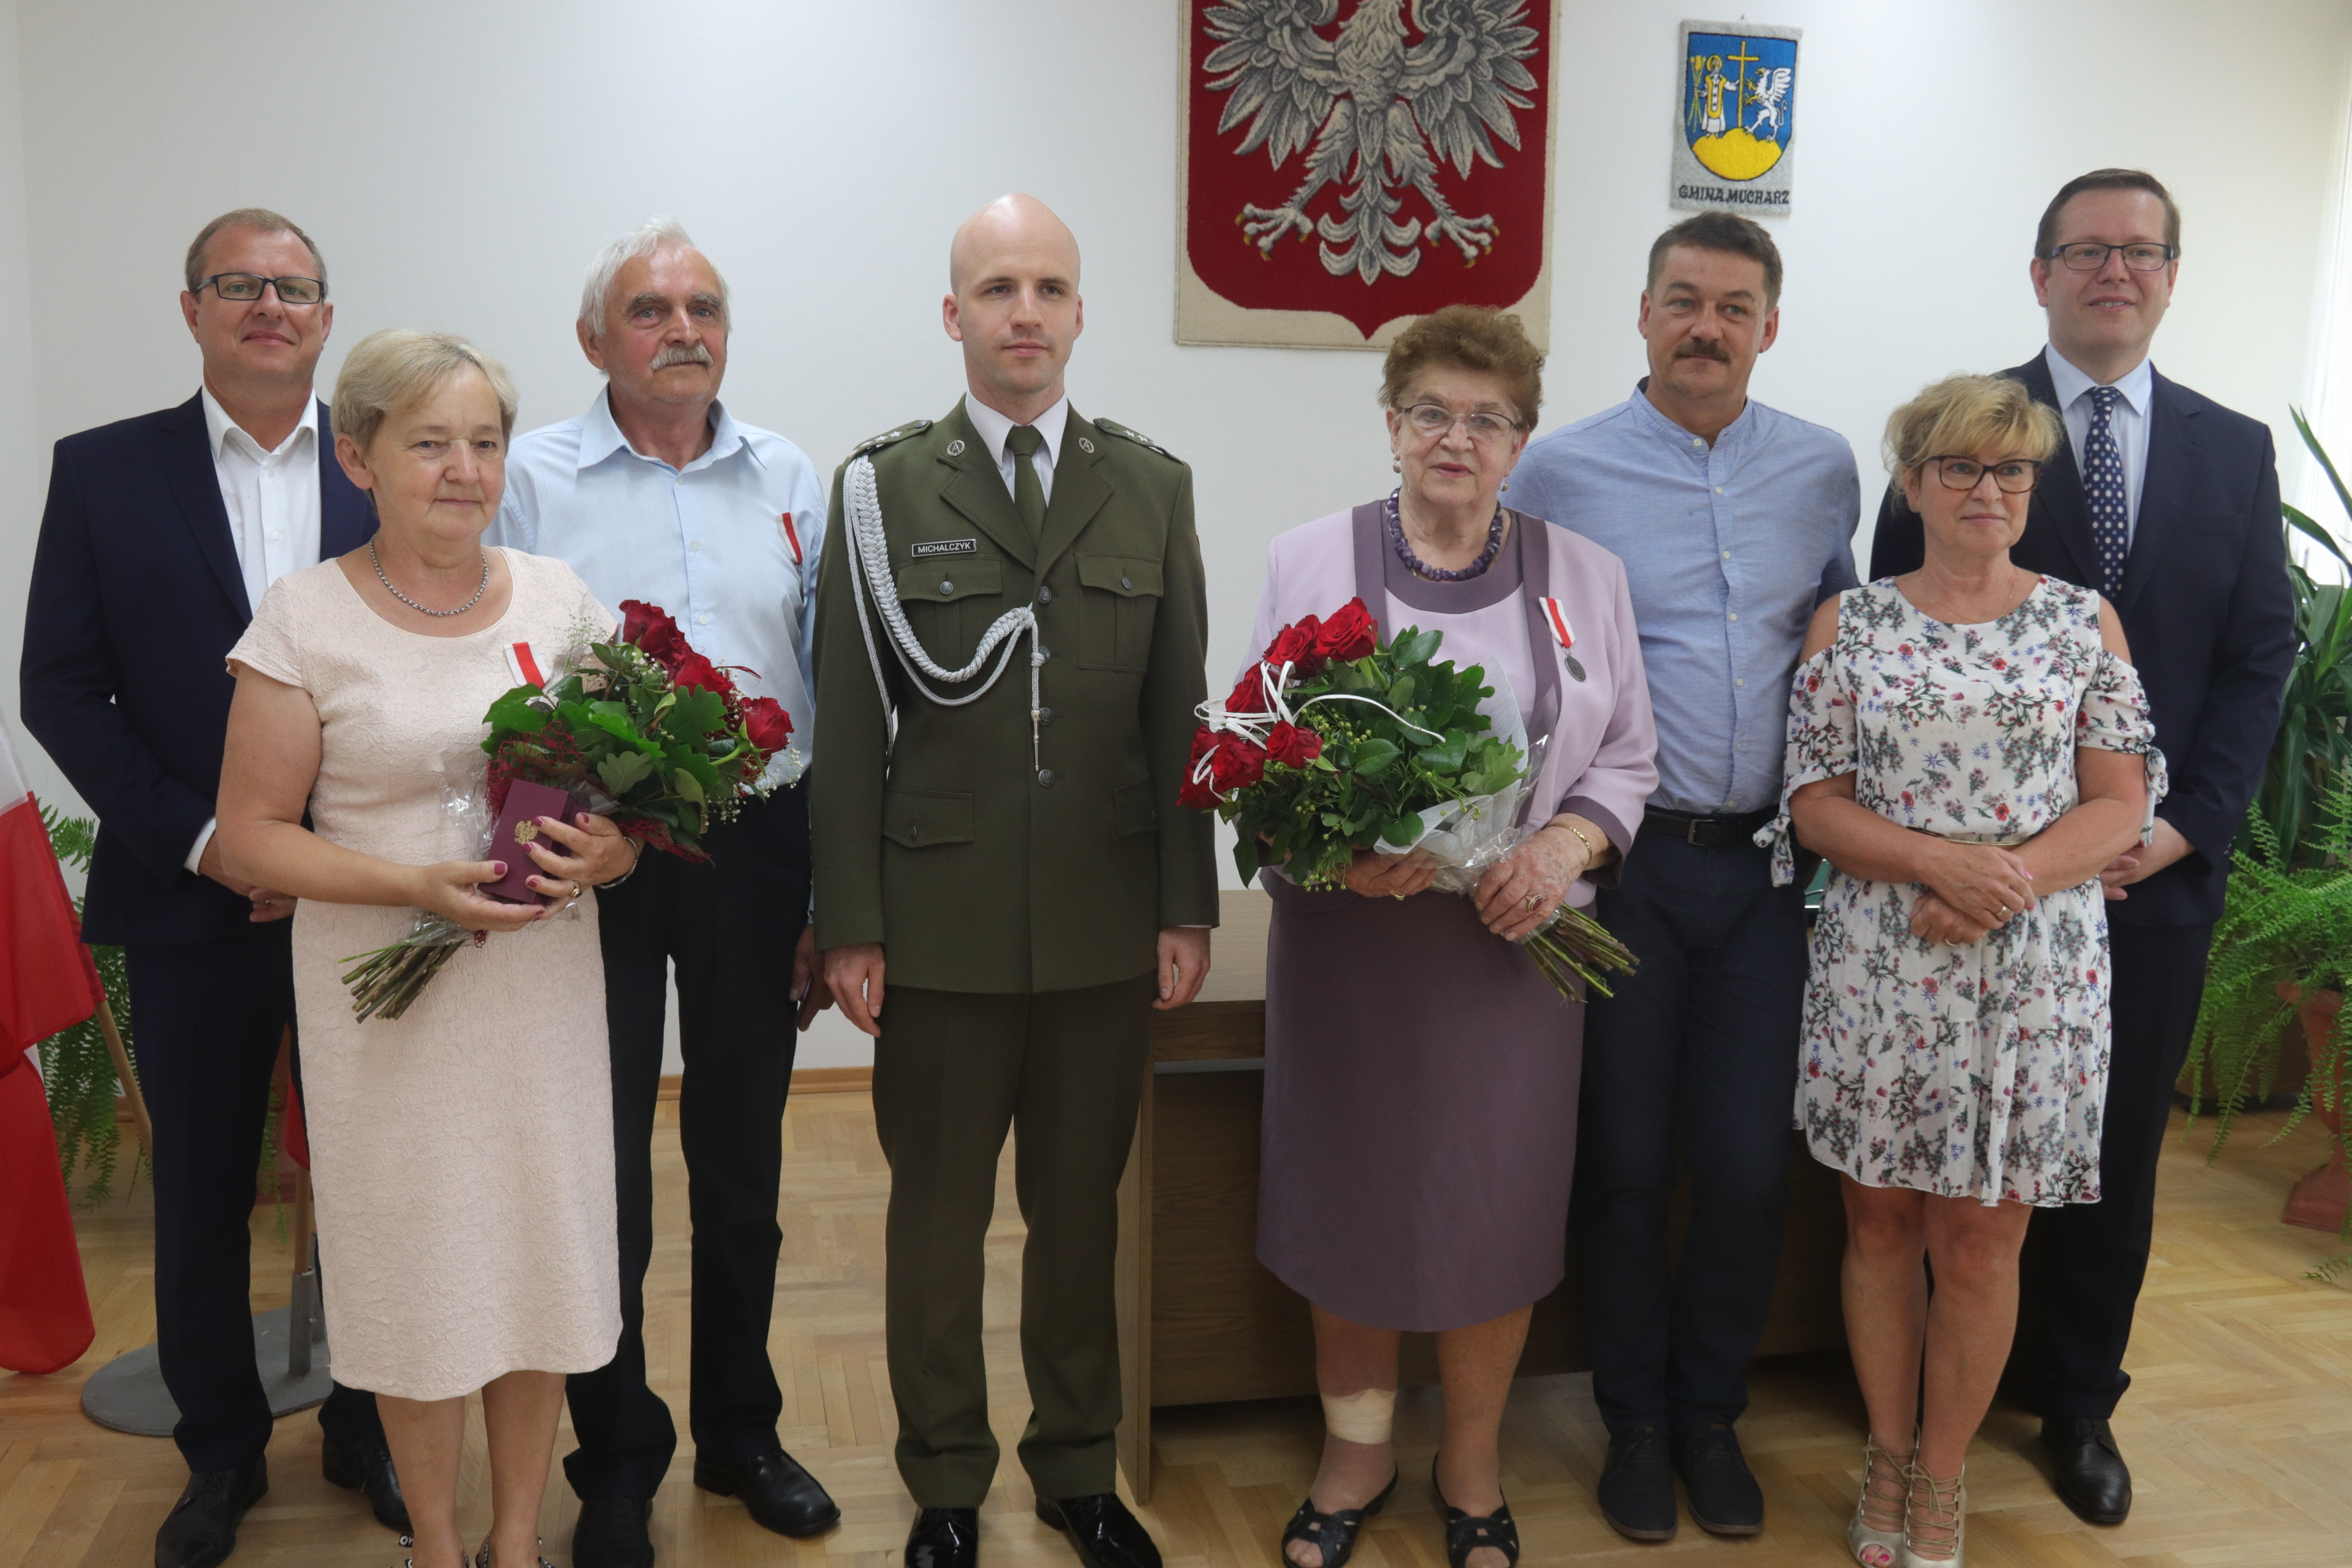 Medale dla rodziców, którzy wychowali wzorowych żołnierzy